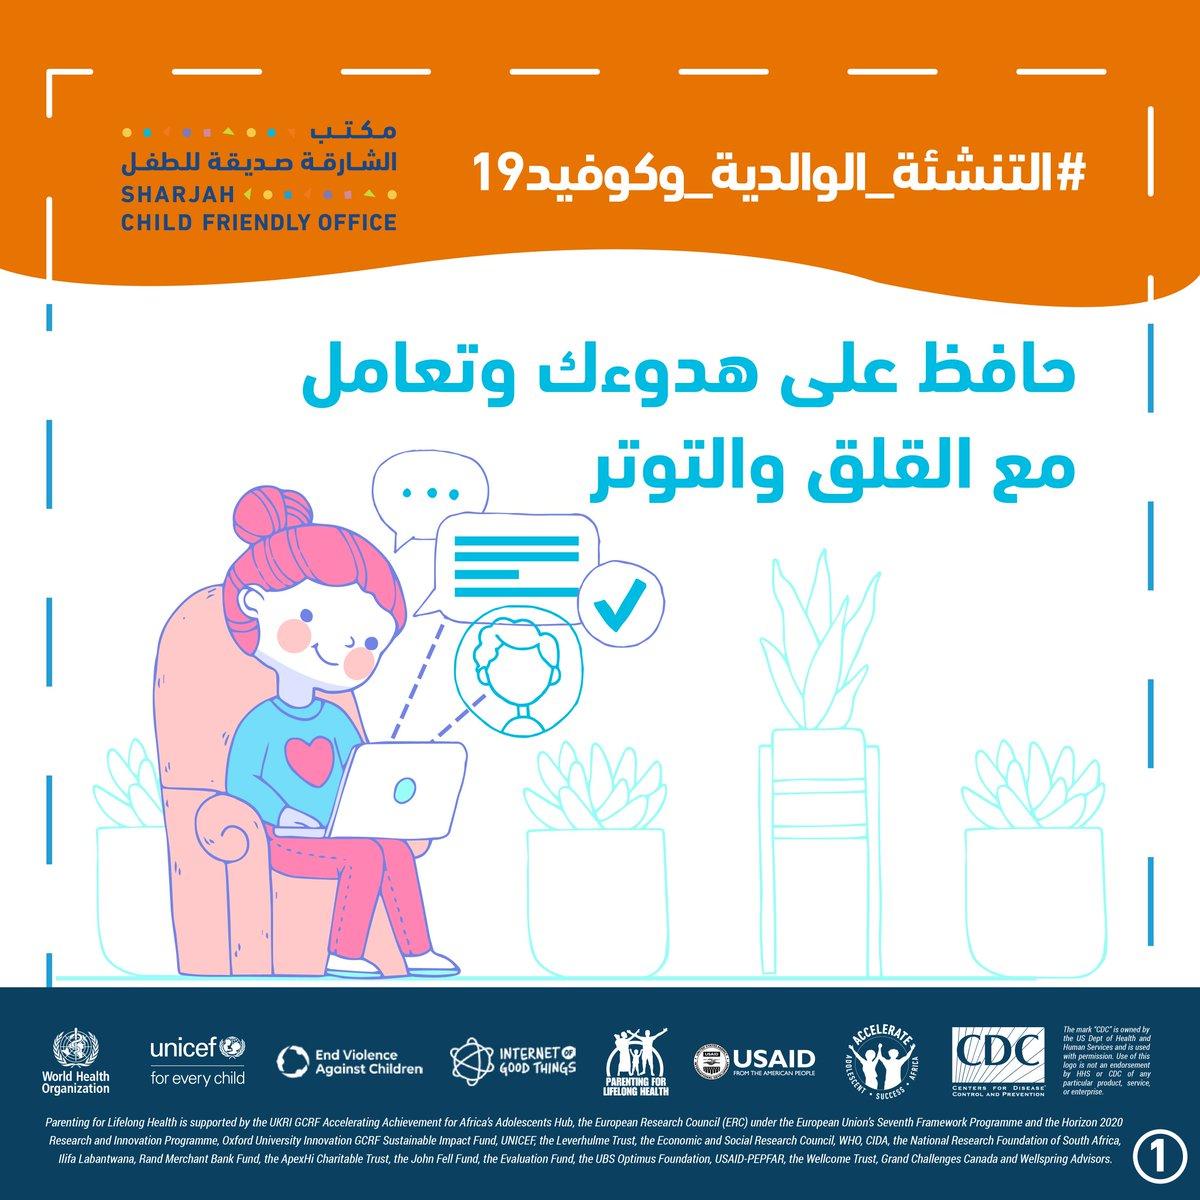 اعتن بنفسك وخذ استراحة لتتمكن من دعم أطفالك، وتذكر بأنك لست لوحدك . #التنشئة_الوالدية_وكوفيد19 #الشارقة_صديقة_للأطفال_واليافعين #حملة_توعوية #والدين #عائلة #كورونا #أطفال #تأقلم #الإمارات #الشارقة https://t.co/nPWhCRHU8x